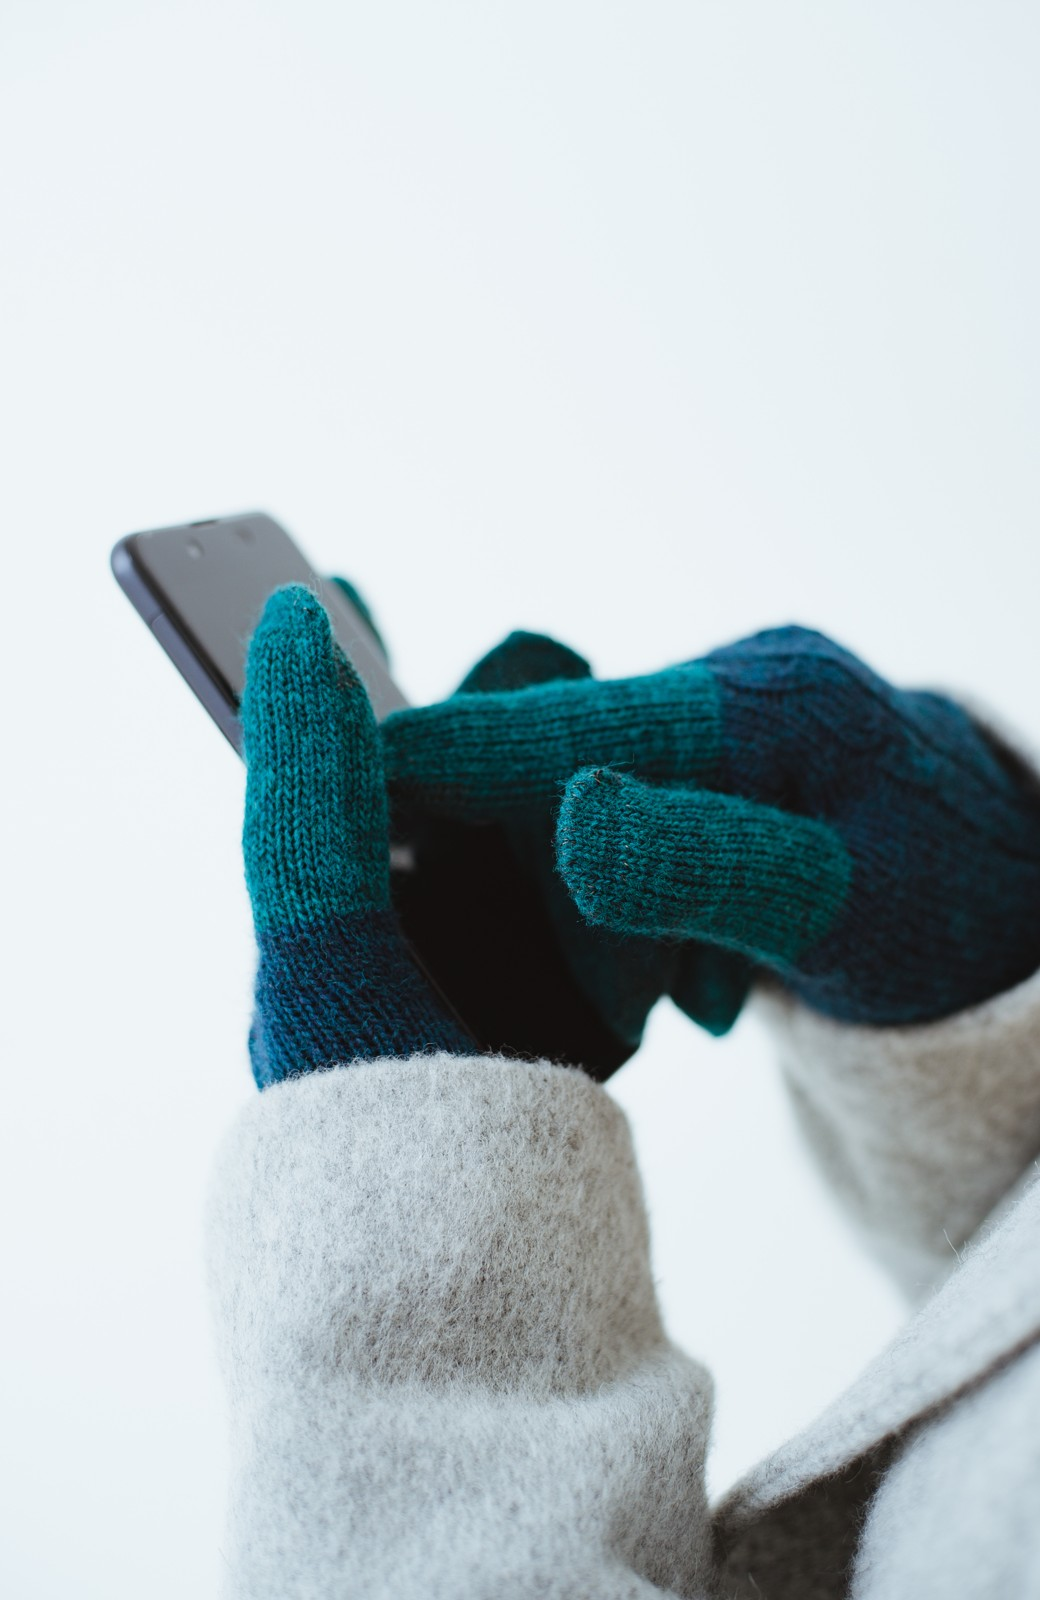 haco! タッチパネル対応手袋 イタリアンウールグローブ <ブルー系その他>の商品写真5